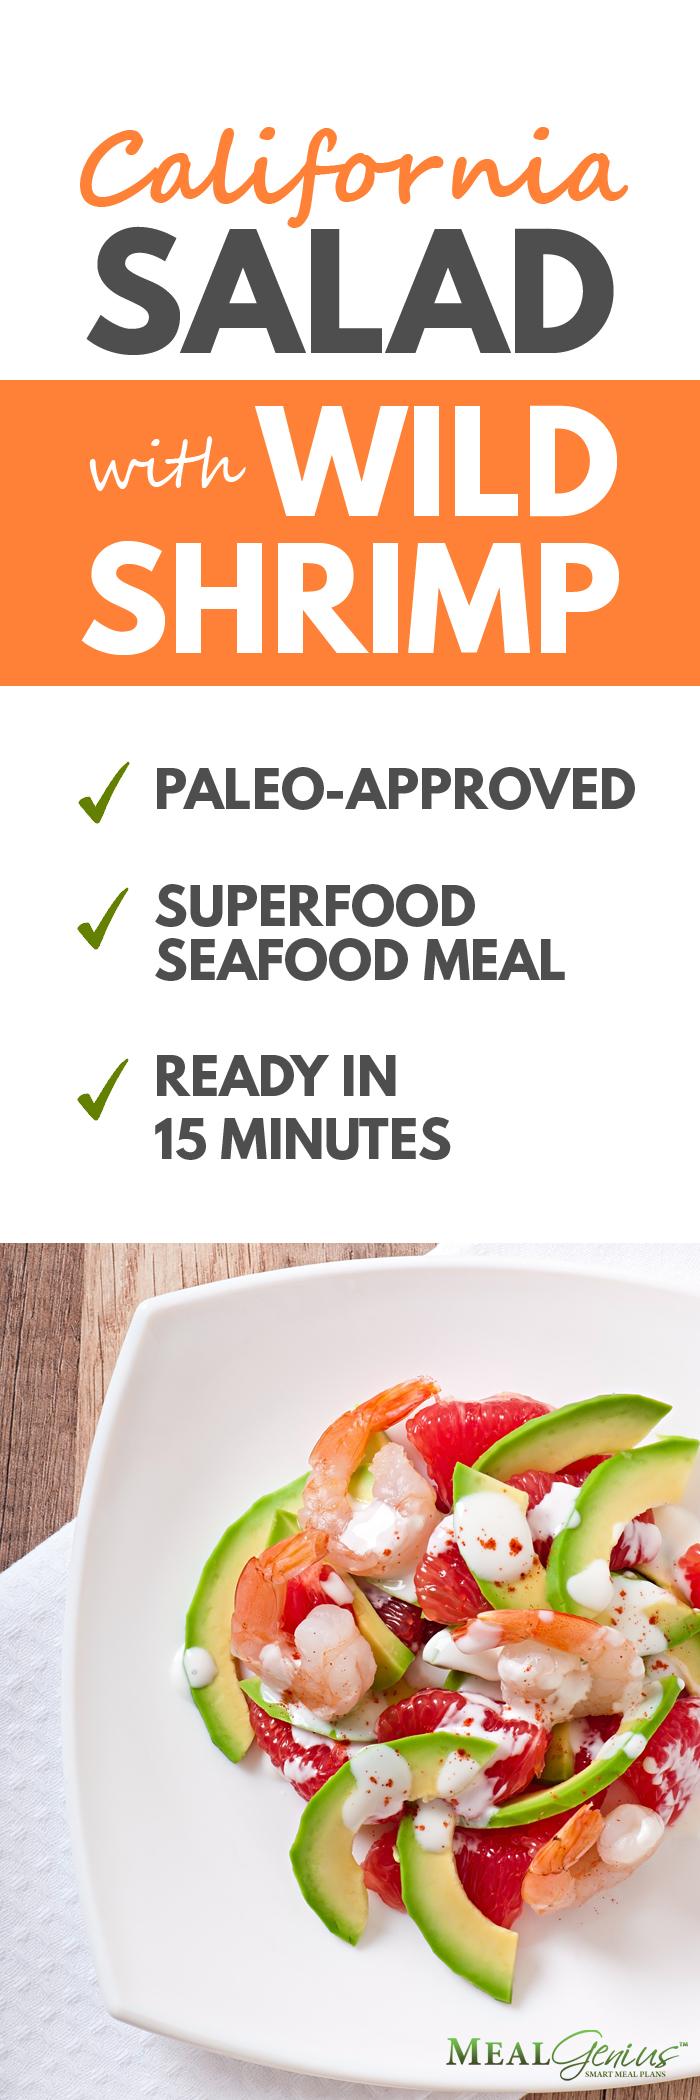 California Salad with Wild Shrimp - Meal Genius